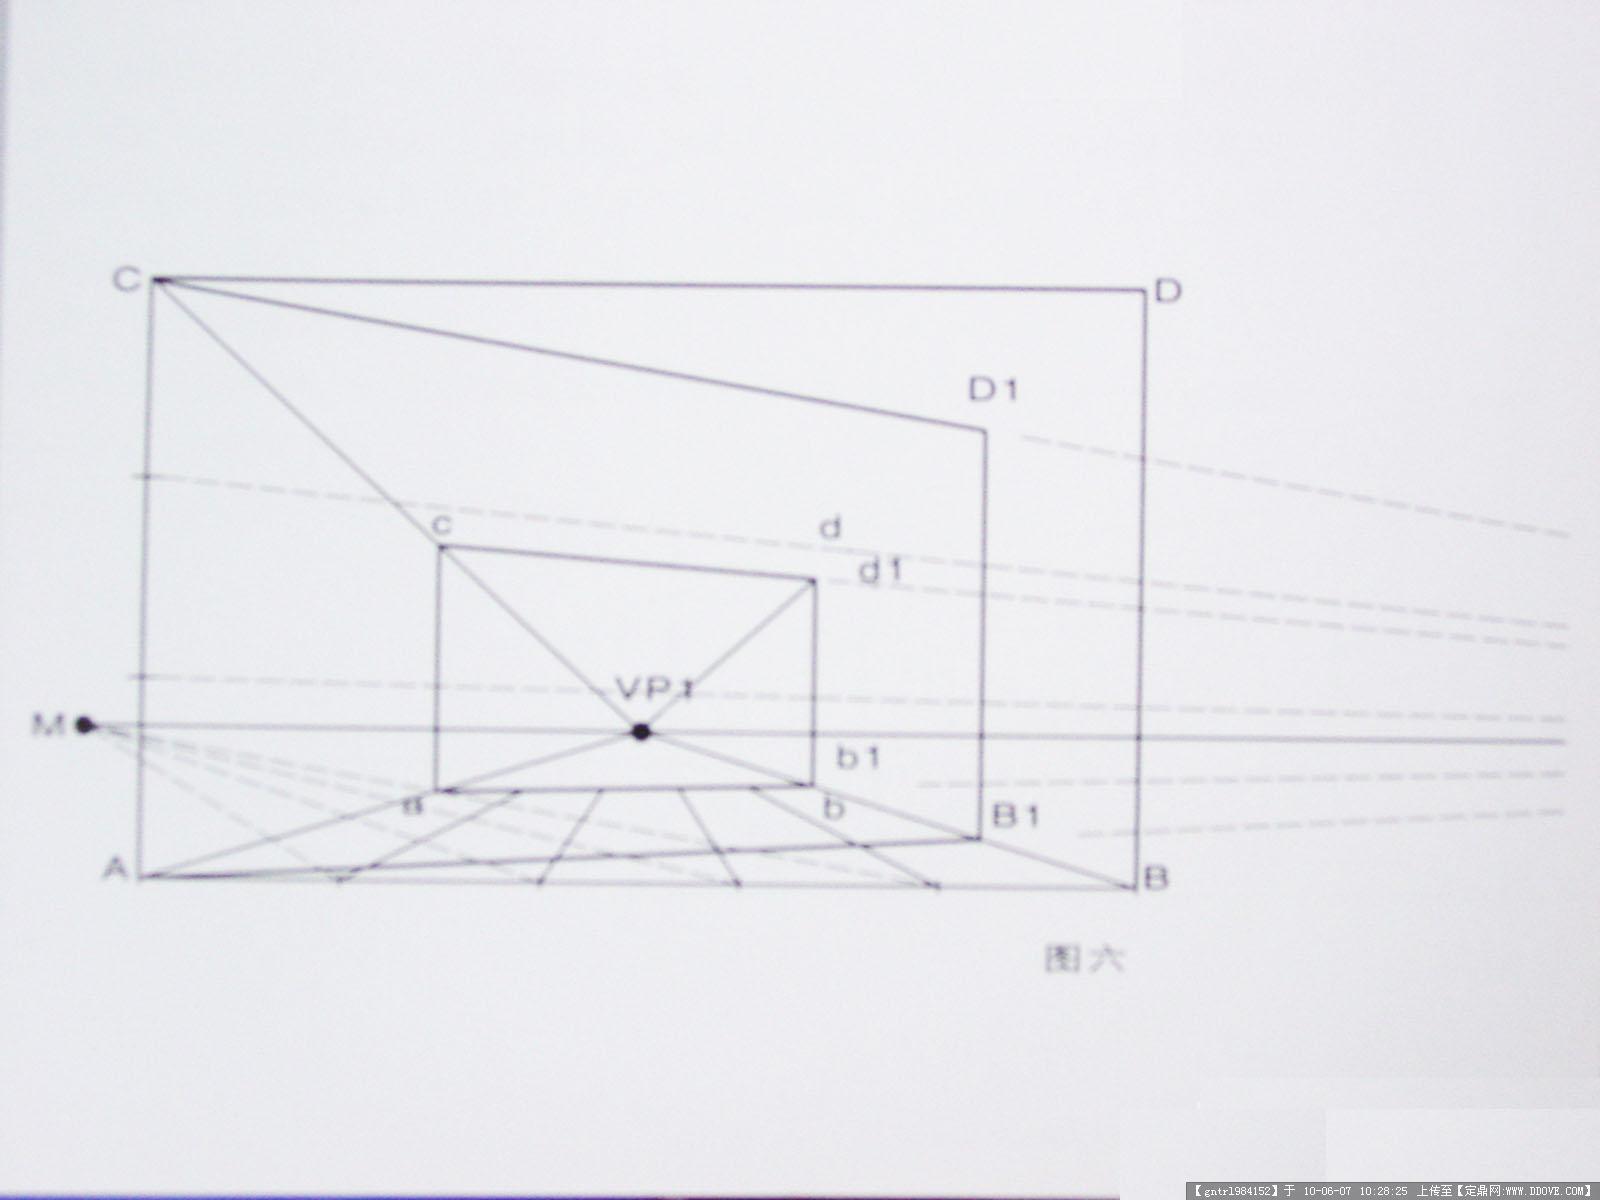 室内手绘-dsc03623.jpg 原始尺寸:1600 * 1200